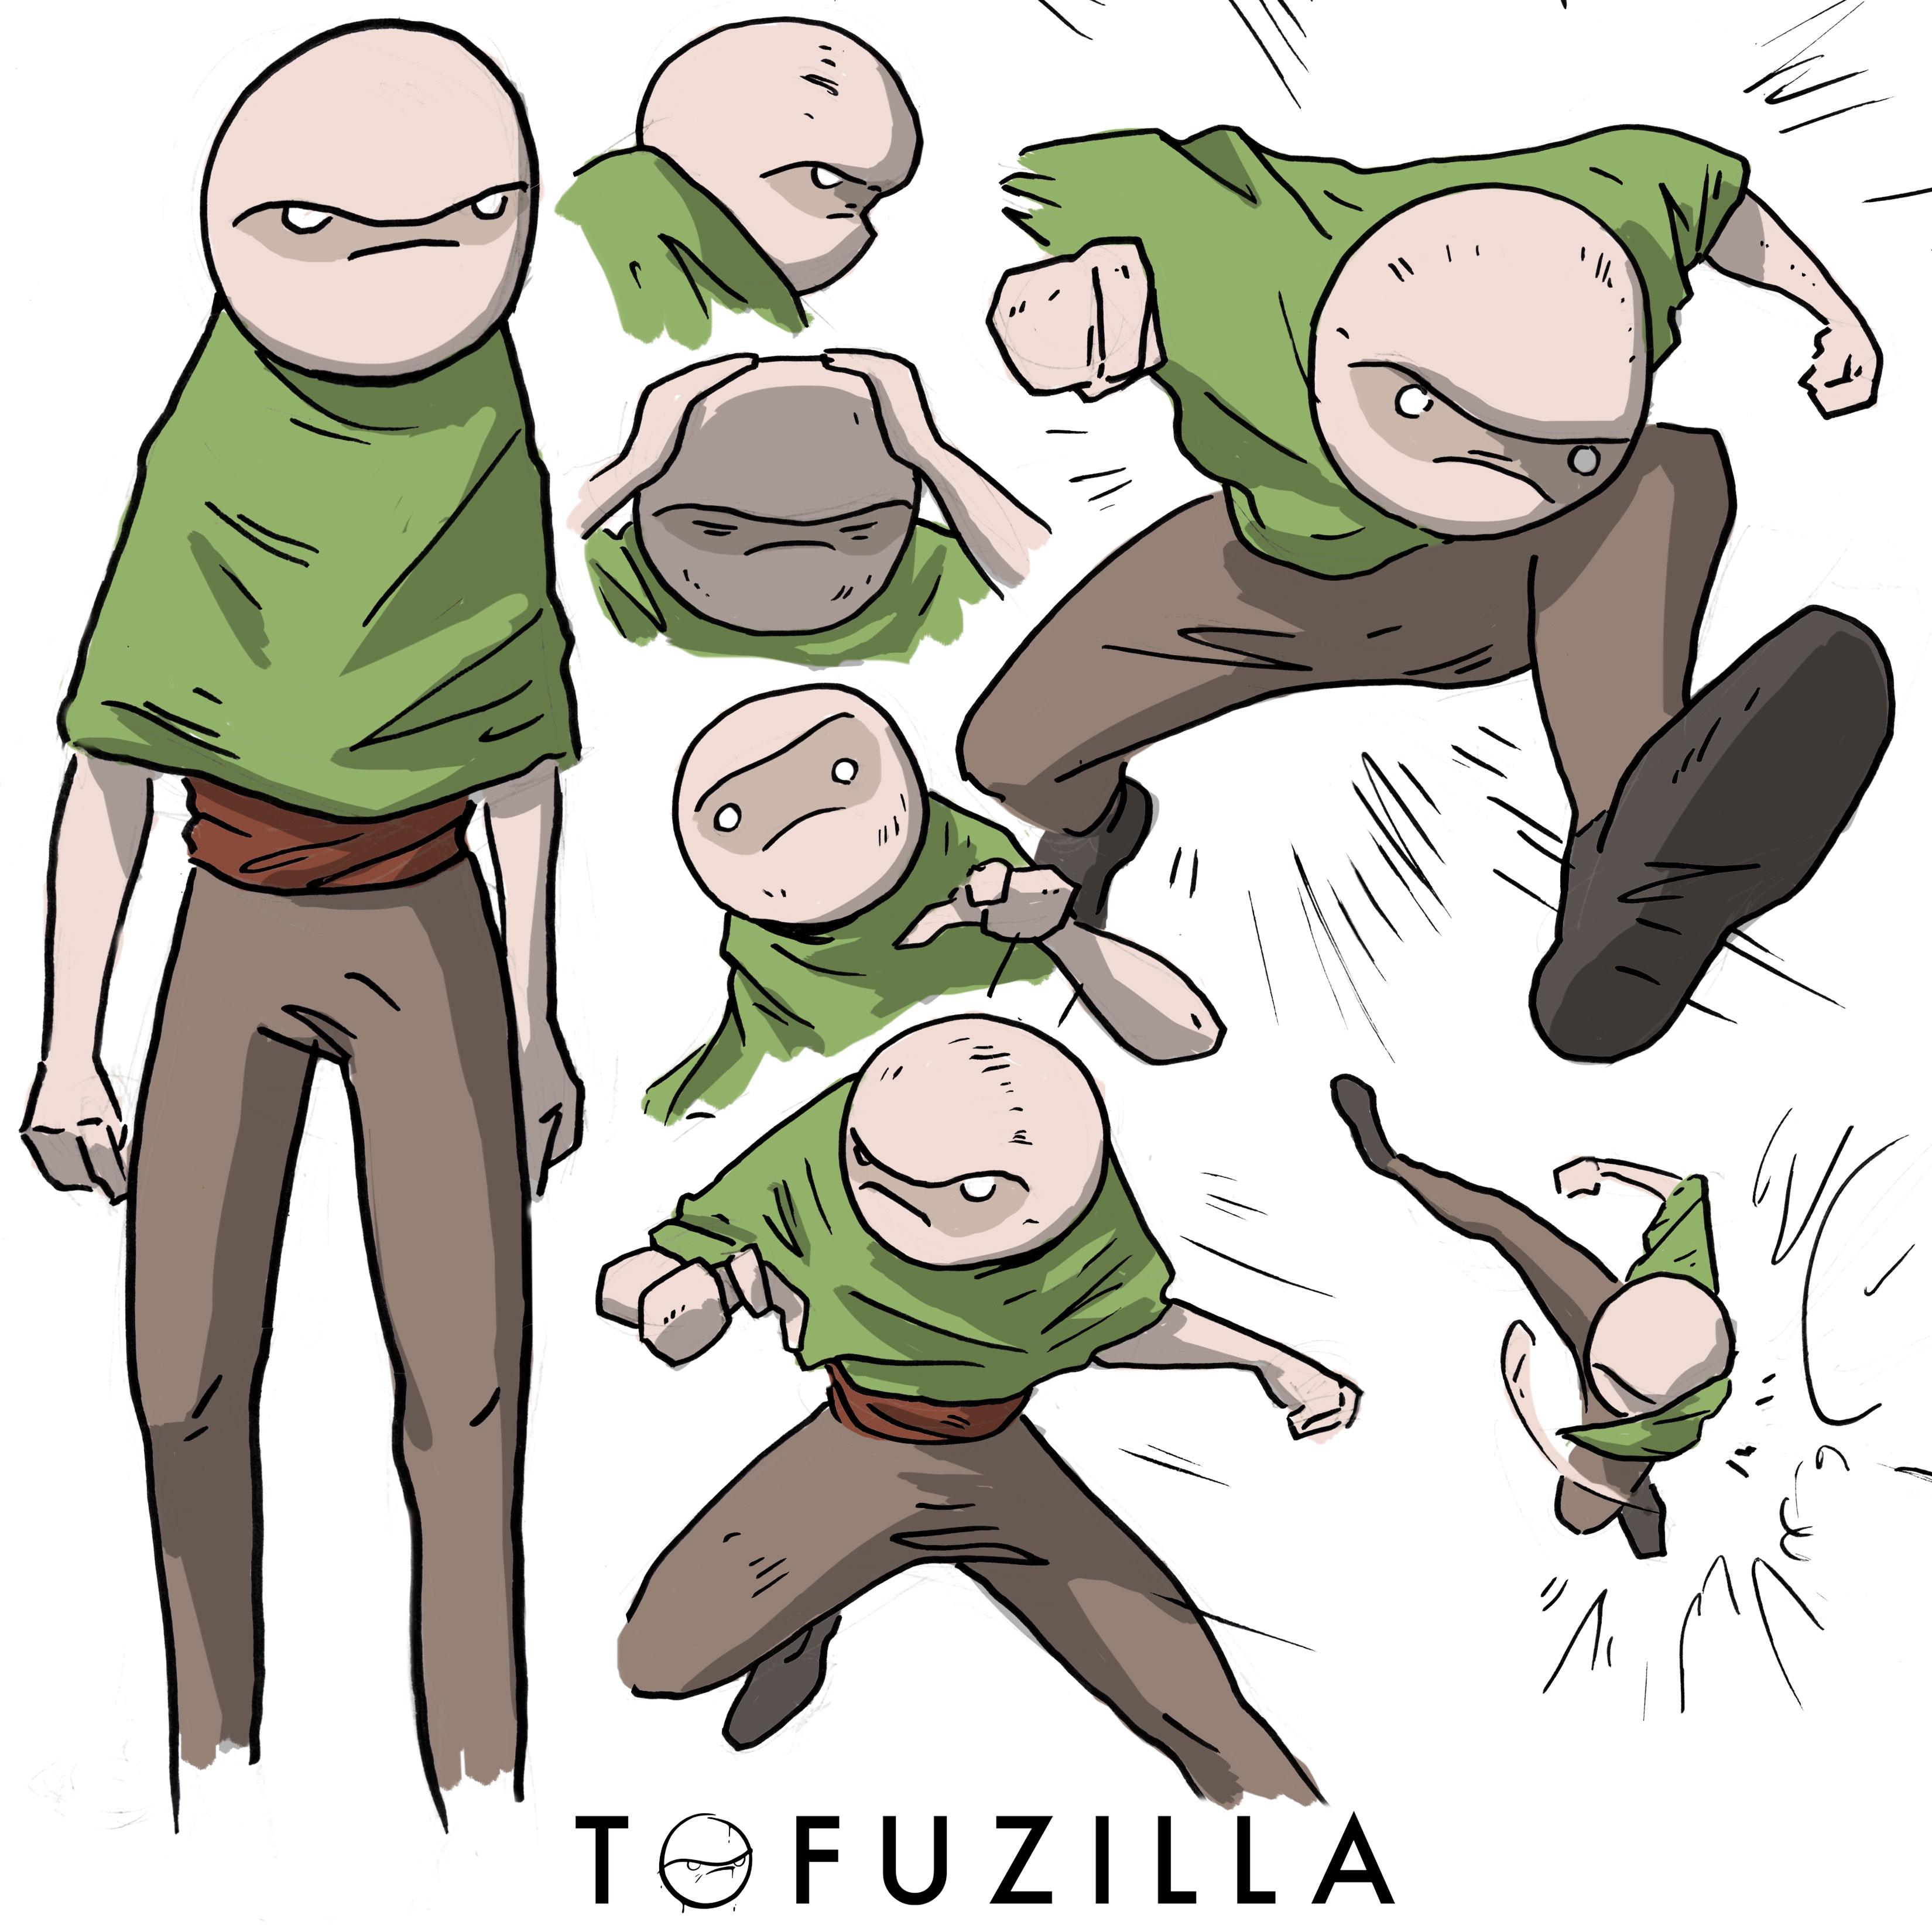 TOFUZILLA I Character Sheet 2